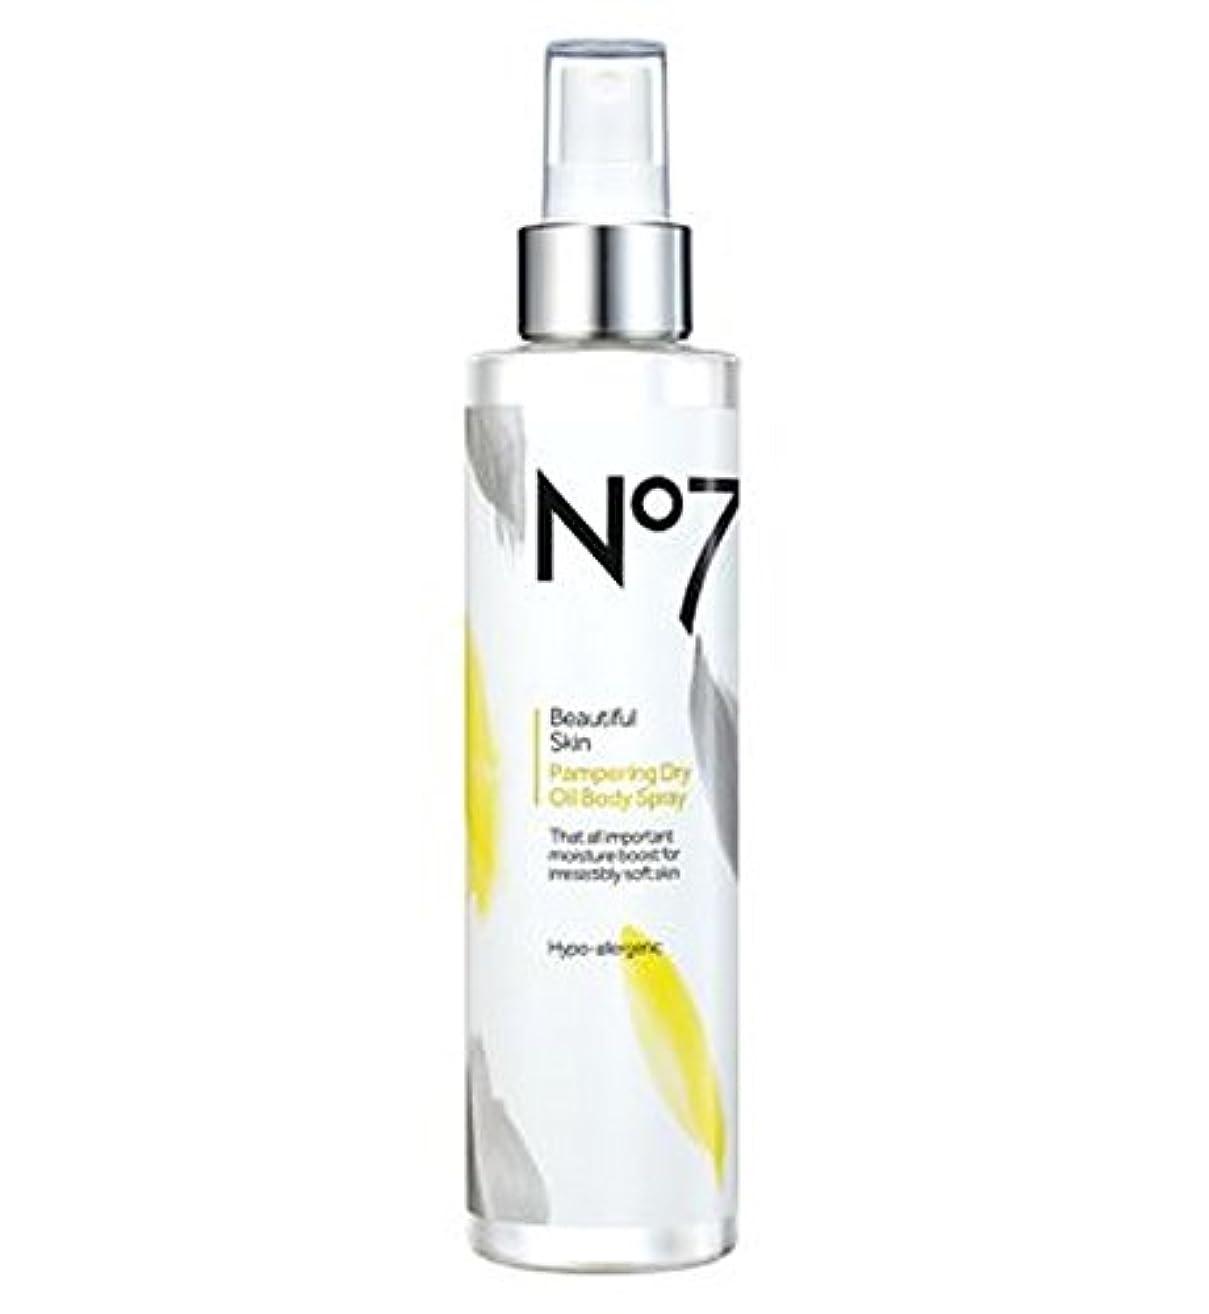 グリット有力者ペストNo7 Beautiful Skin Pampering Dry Body Oil - No7美肌贅沢ドライボディオイル (No7) [並行輸入品]